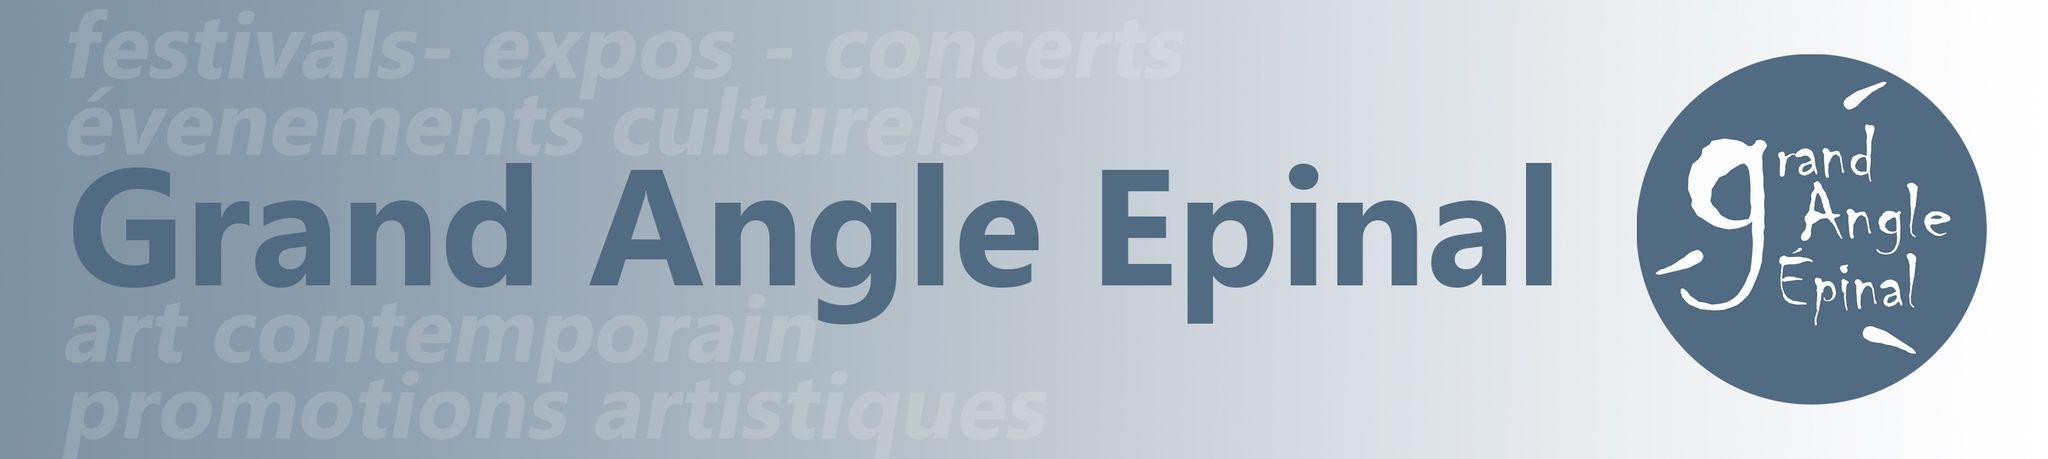 Grand Angle Epinal